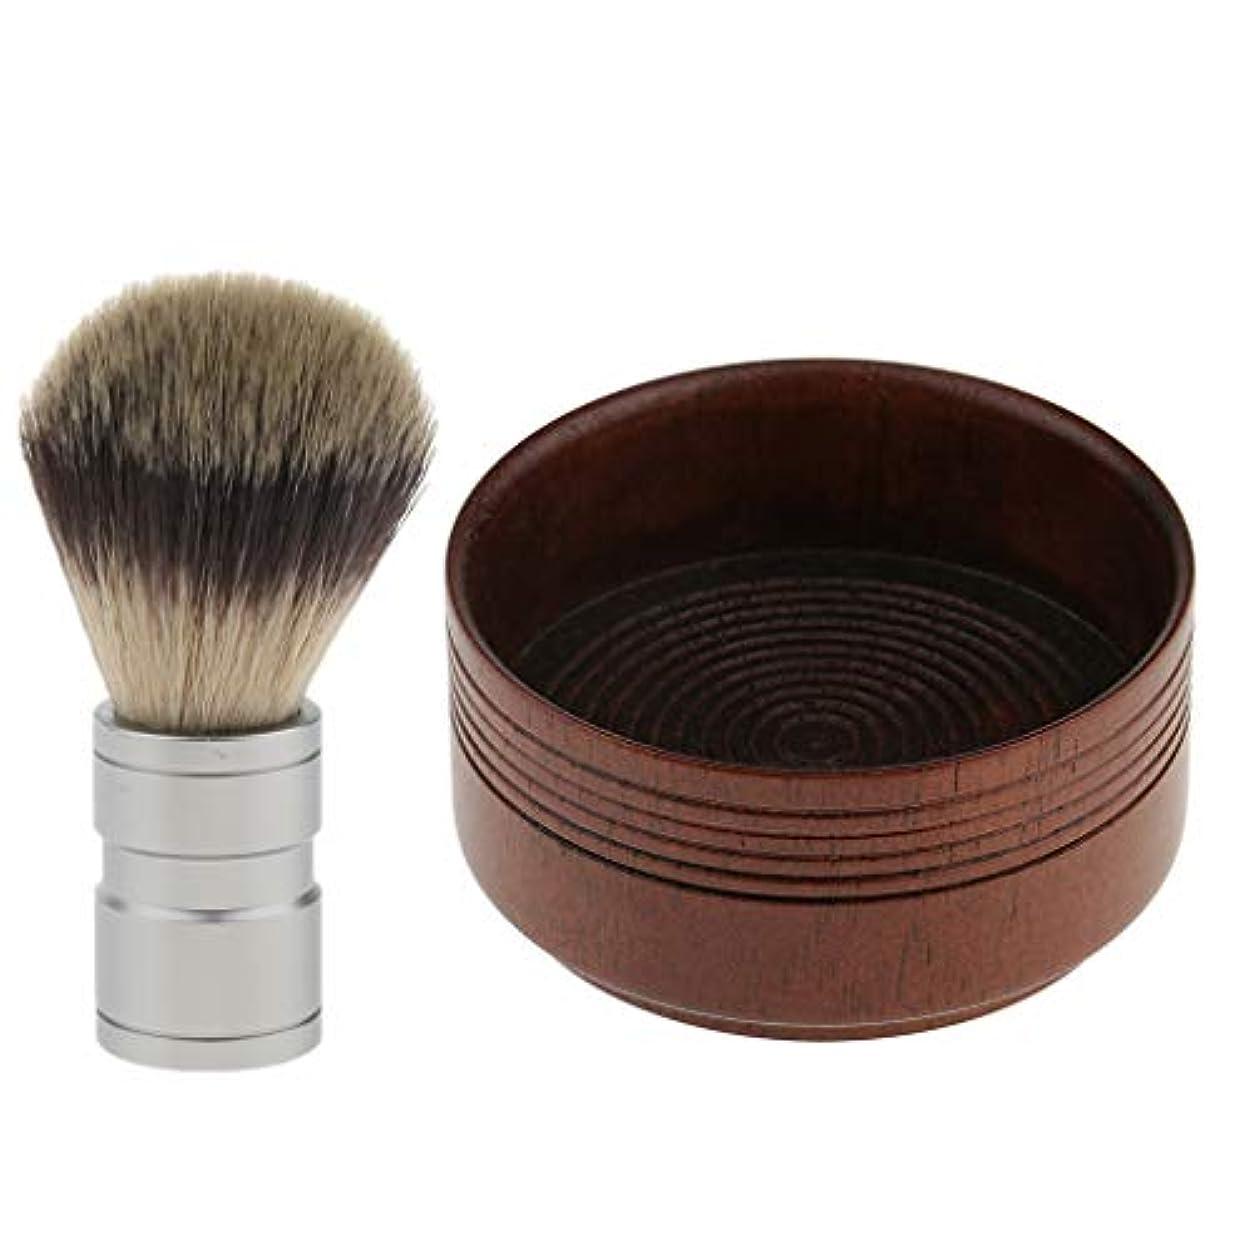 流用する動機付けるピカリングシェービング用アクセサリー シェービングブラシ 木製 シェービングボウル 髭剃り 泡立ち 理容 洗顔 2点